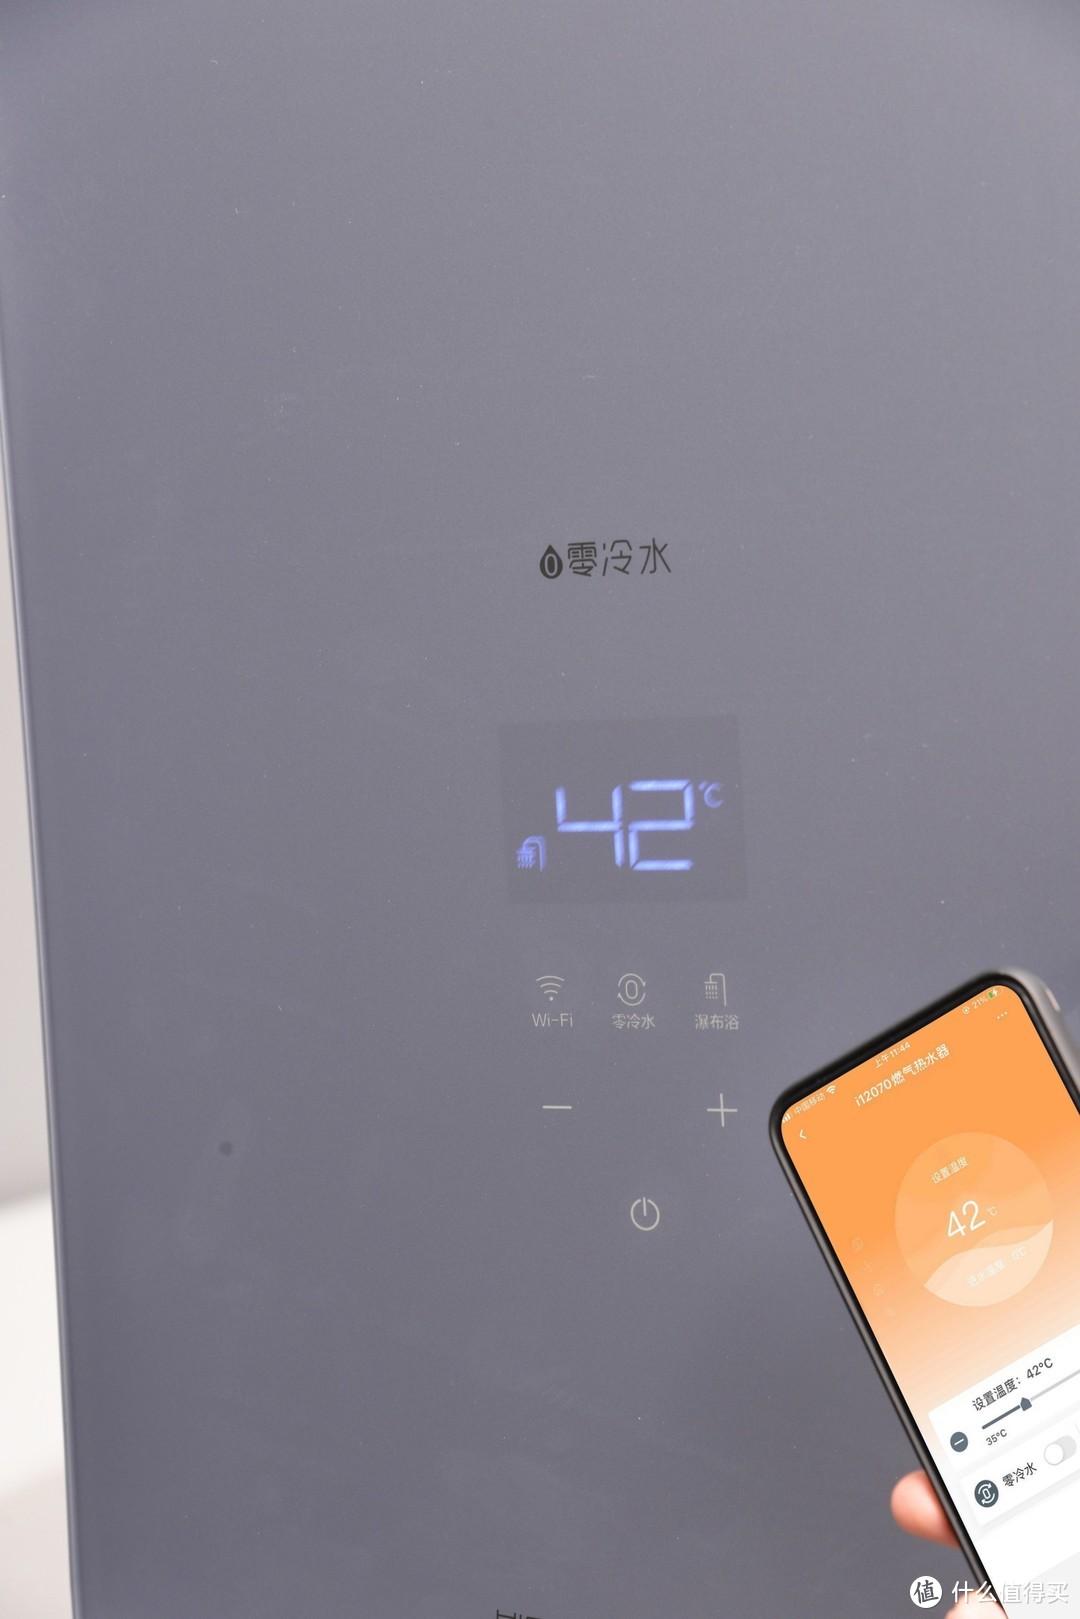 手机安装app后,可以掌握热水器的各项情况,也可以根据情况开/关零冷水的功能